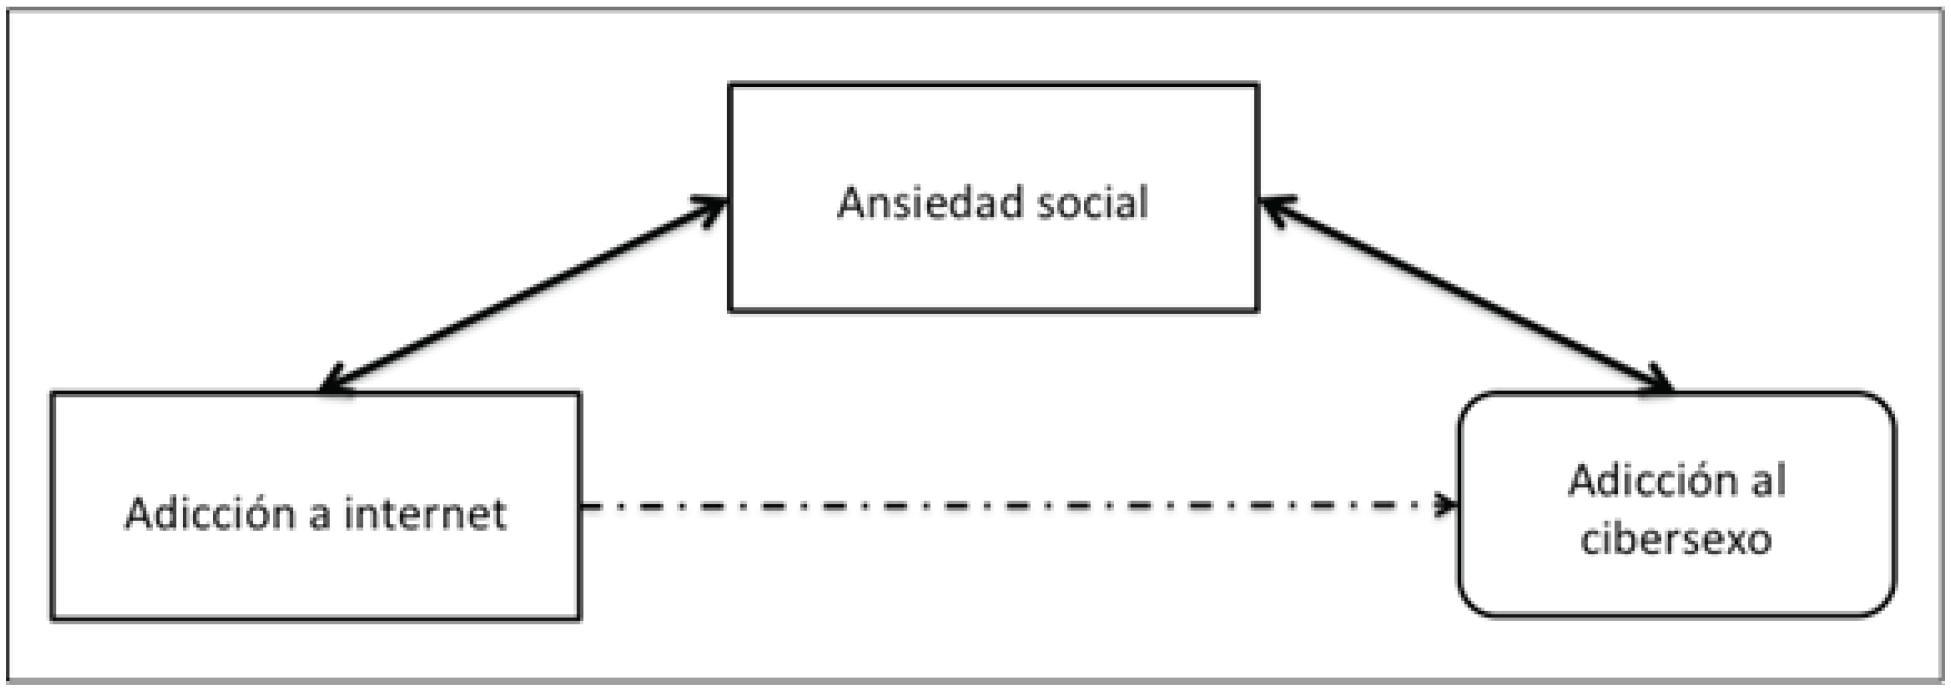 Ansiedad social, adicción al internet y al cibersexo: su